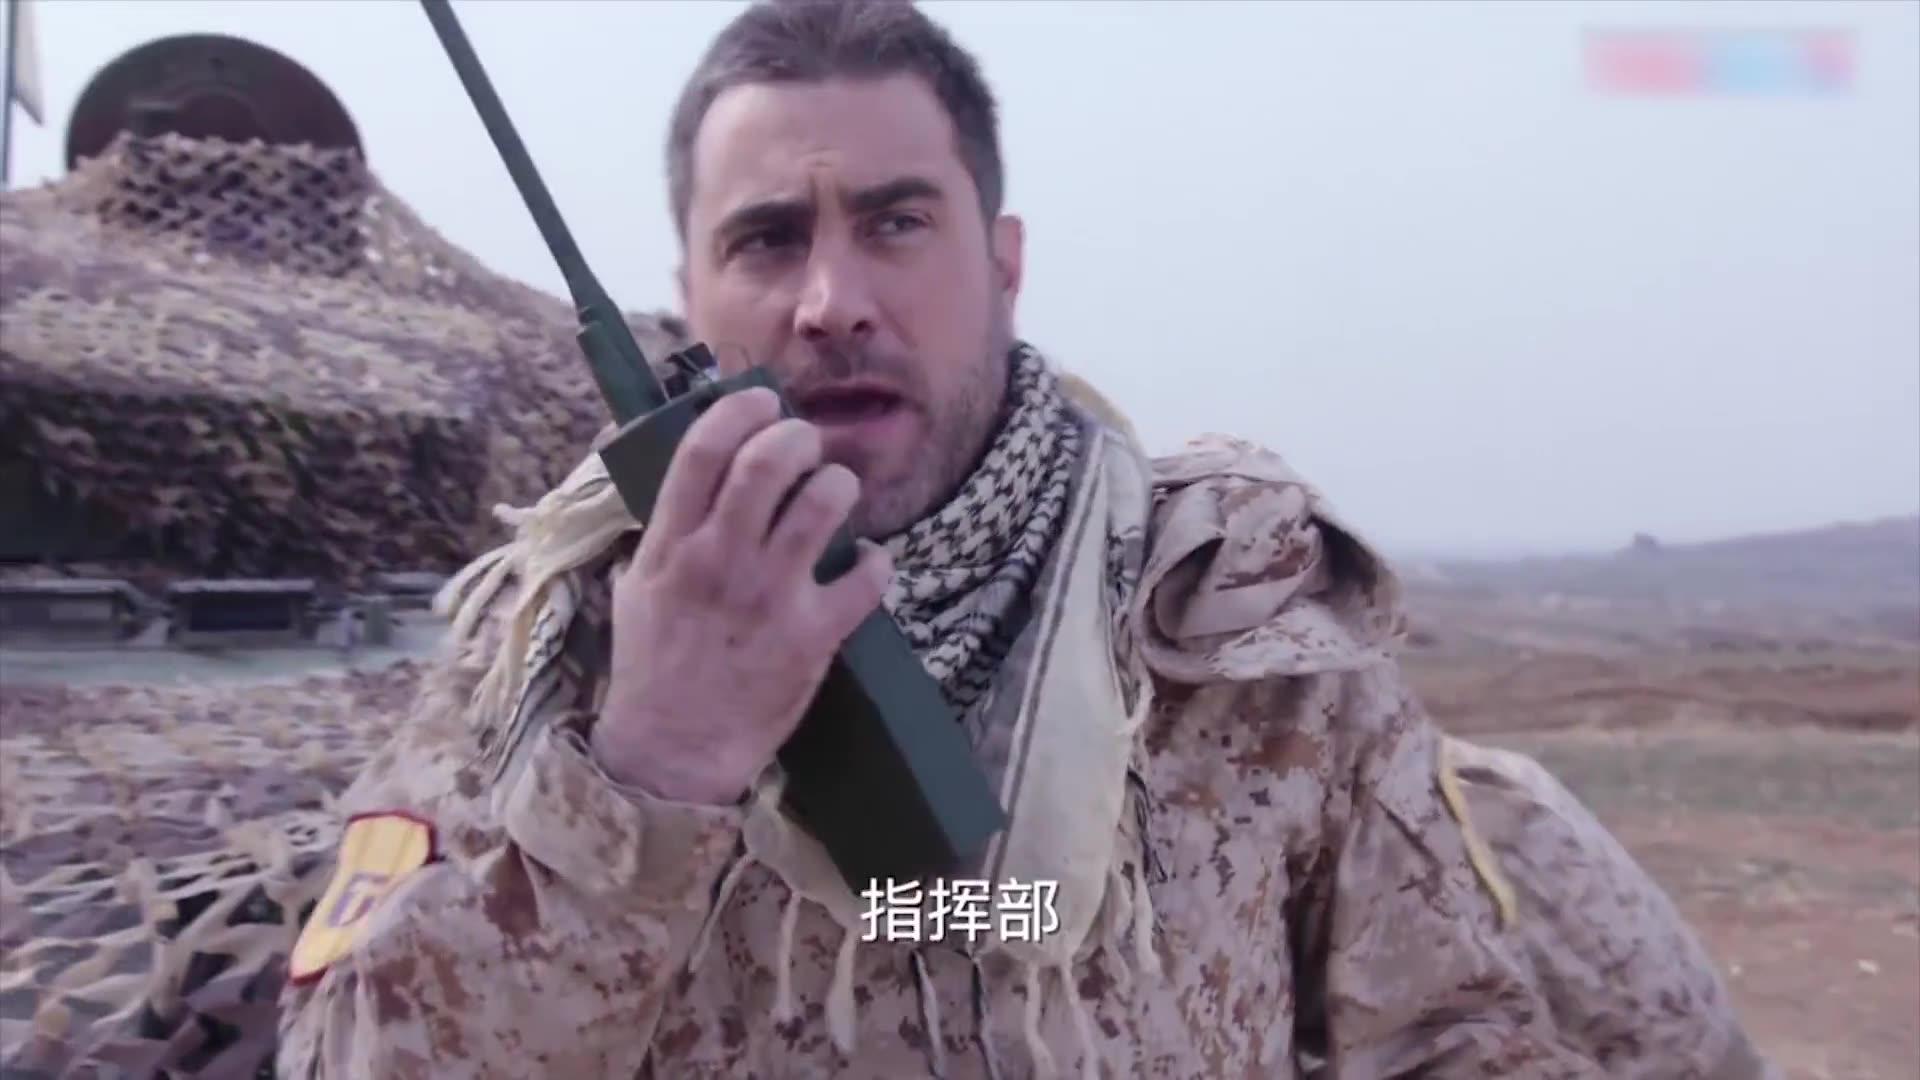 外军为超车去爬山,反而自己坦克出故障落后中国,聪明反被聪明误